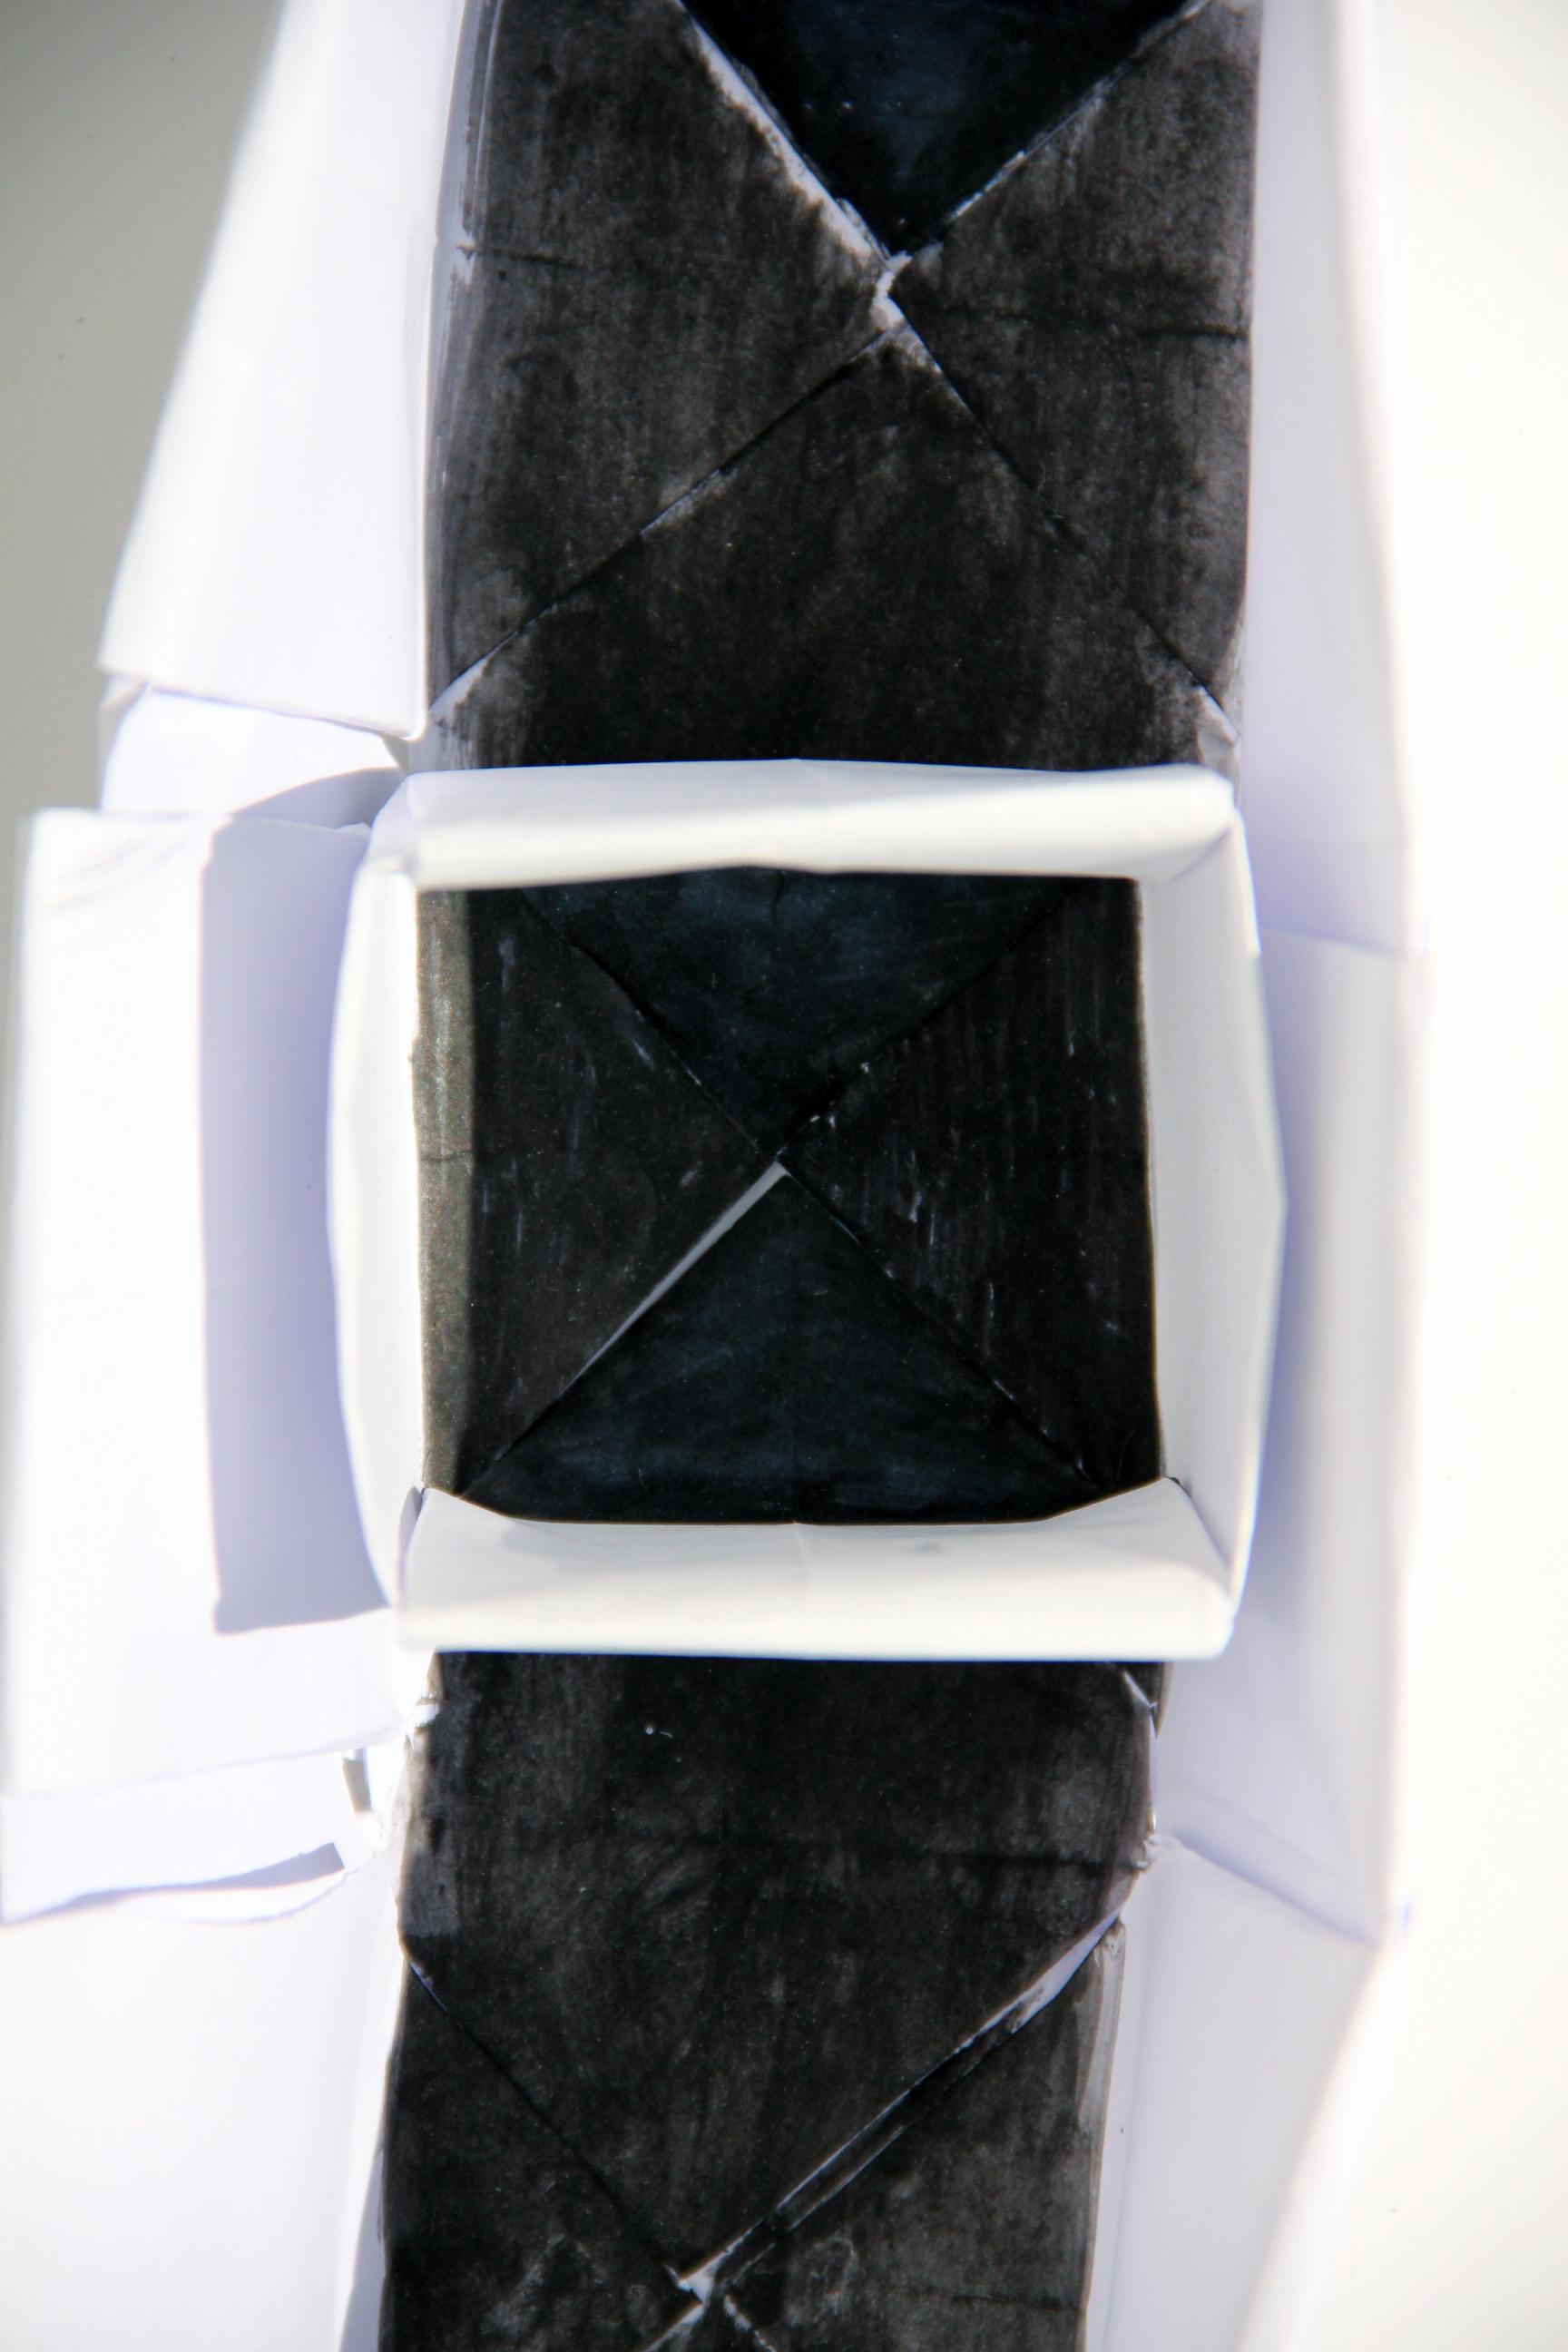 Raum aus Stecksystemen, Melanie Schlüter